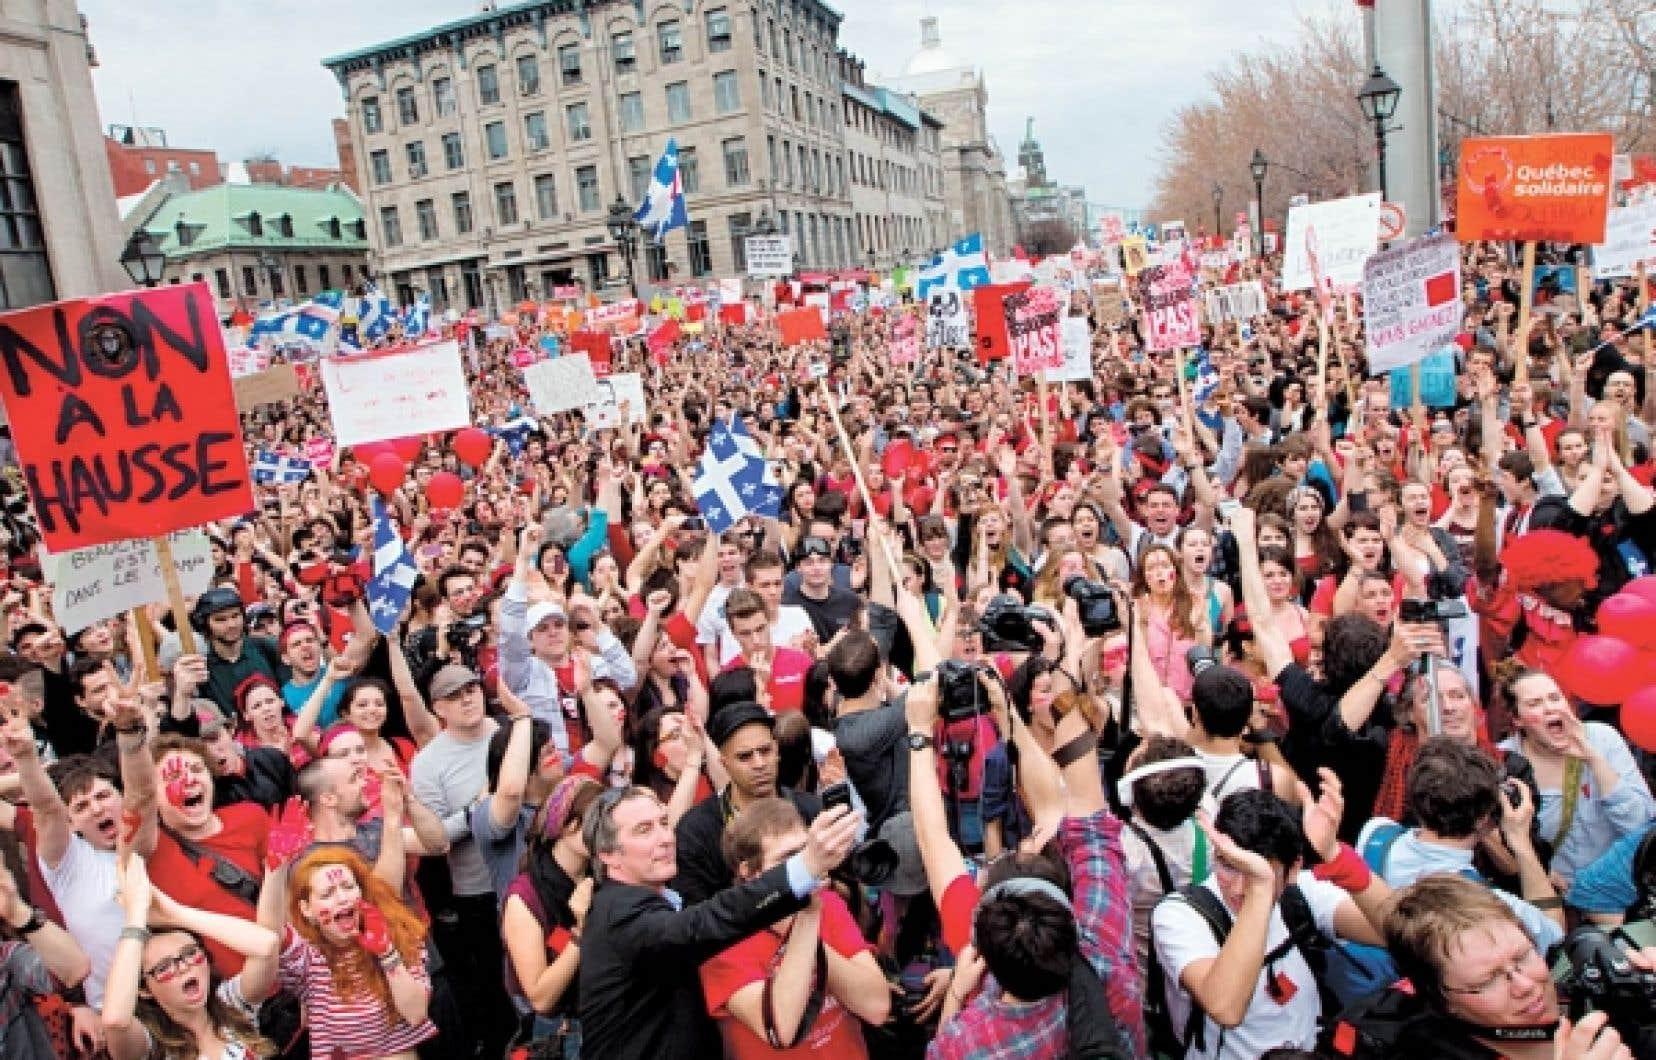 La manifestation de jeudi était une réalisation collective aussi sérieuse que festive.<br />